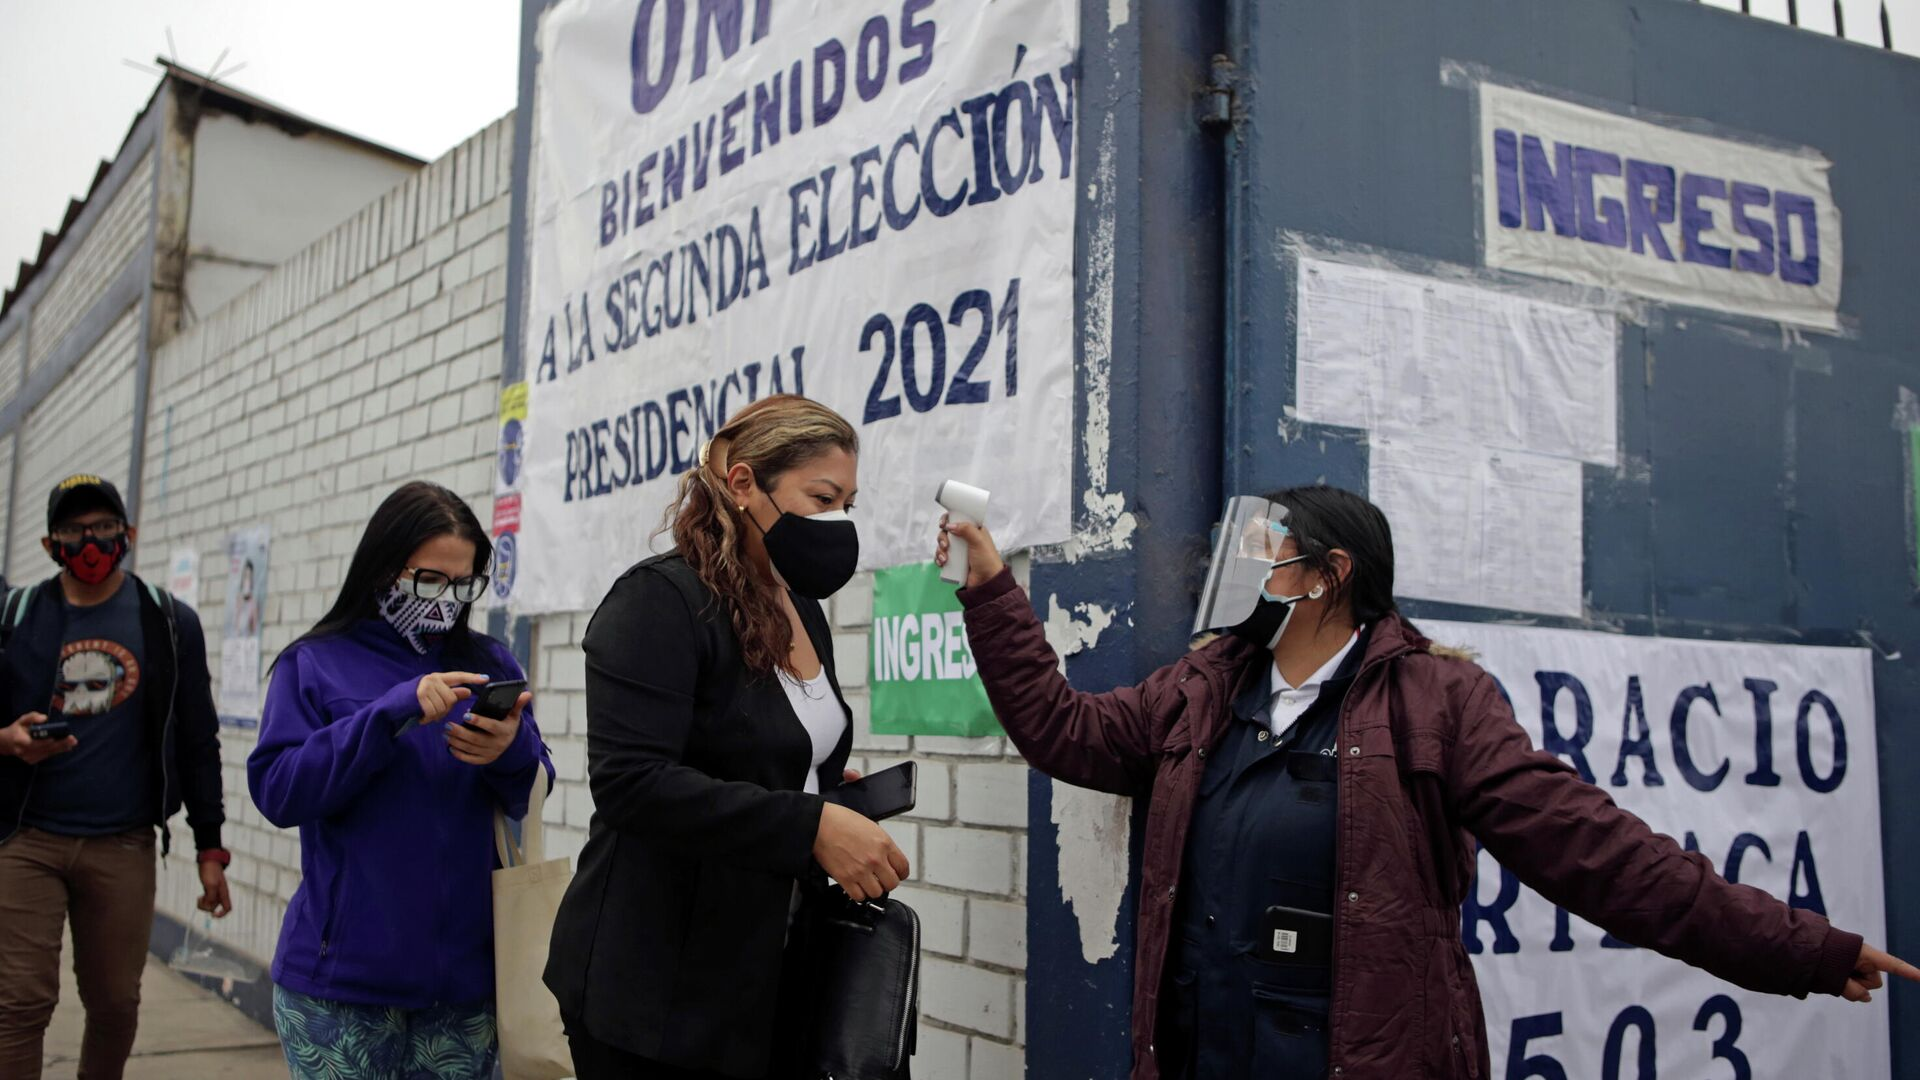 Los peruanos acuden a votar en Lima, el 6 de junio de 2021 - Sputnik Mundo, 1920, 06.06.2021